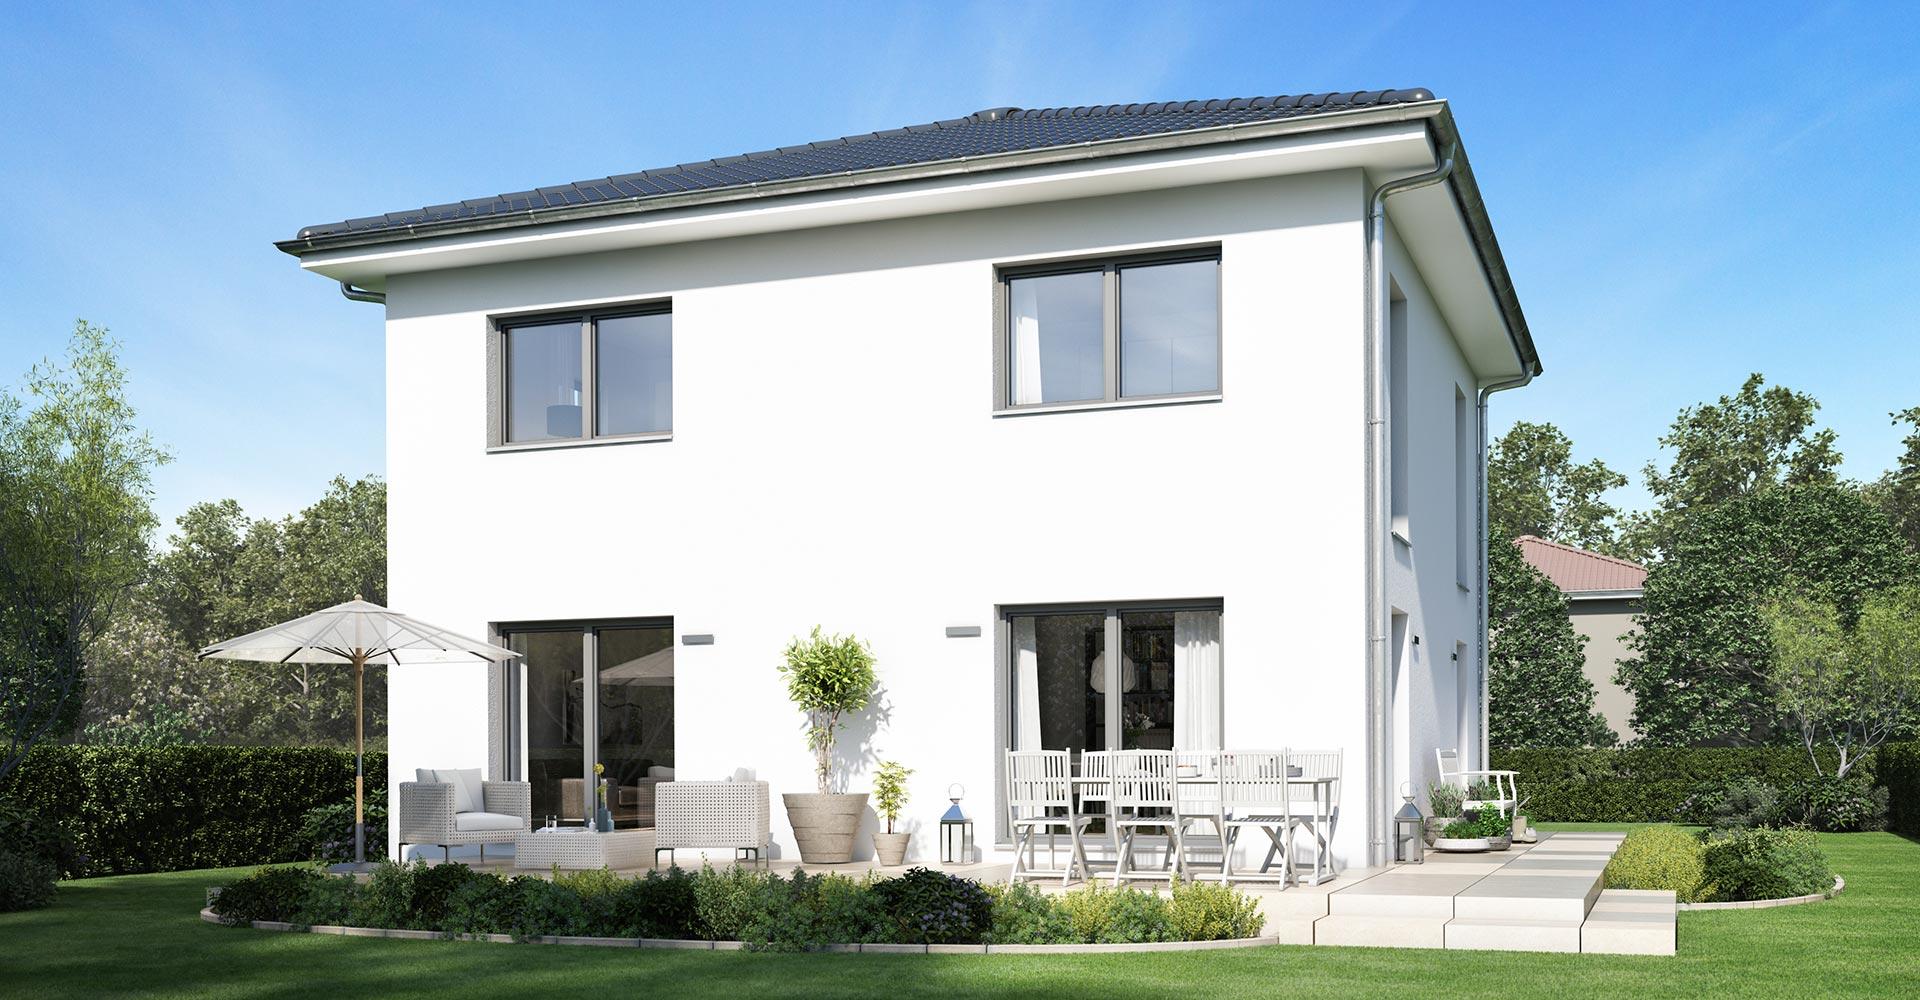 hausbau braunschweig forum massivhaus. Black Bedroom Furniture Sets. Home Design Ideas